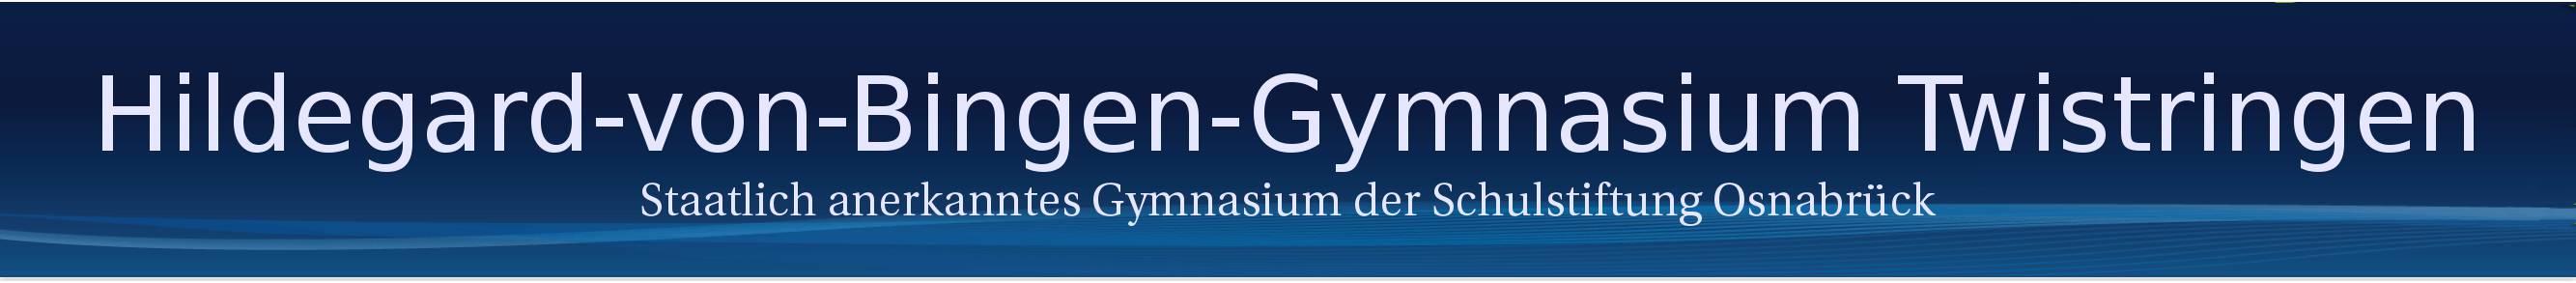 Hildegard-von-Bingen-Gymnasium Twistringen